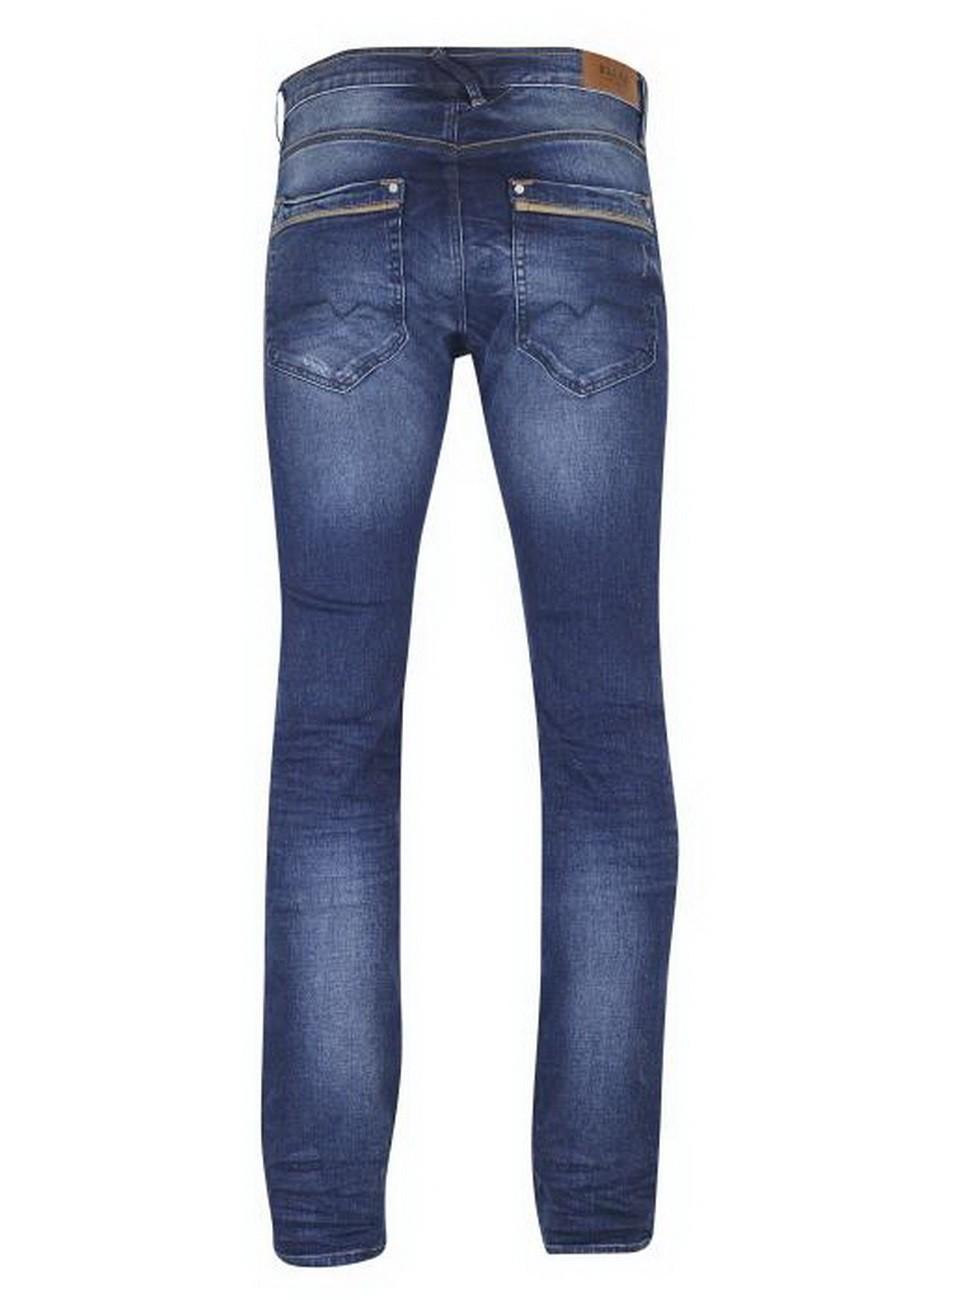 blend herren jeans twister slim fit blau mid blue. Black Bedroom Furniture Sets. Home Design Ideas